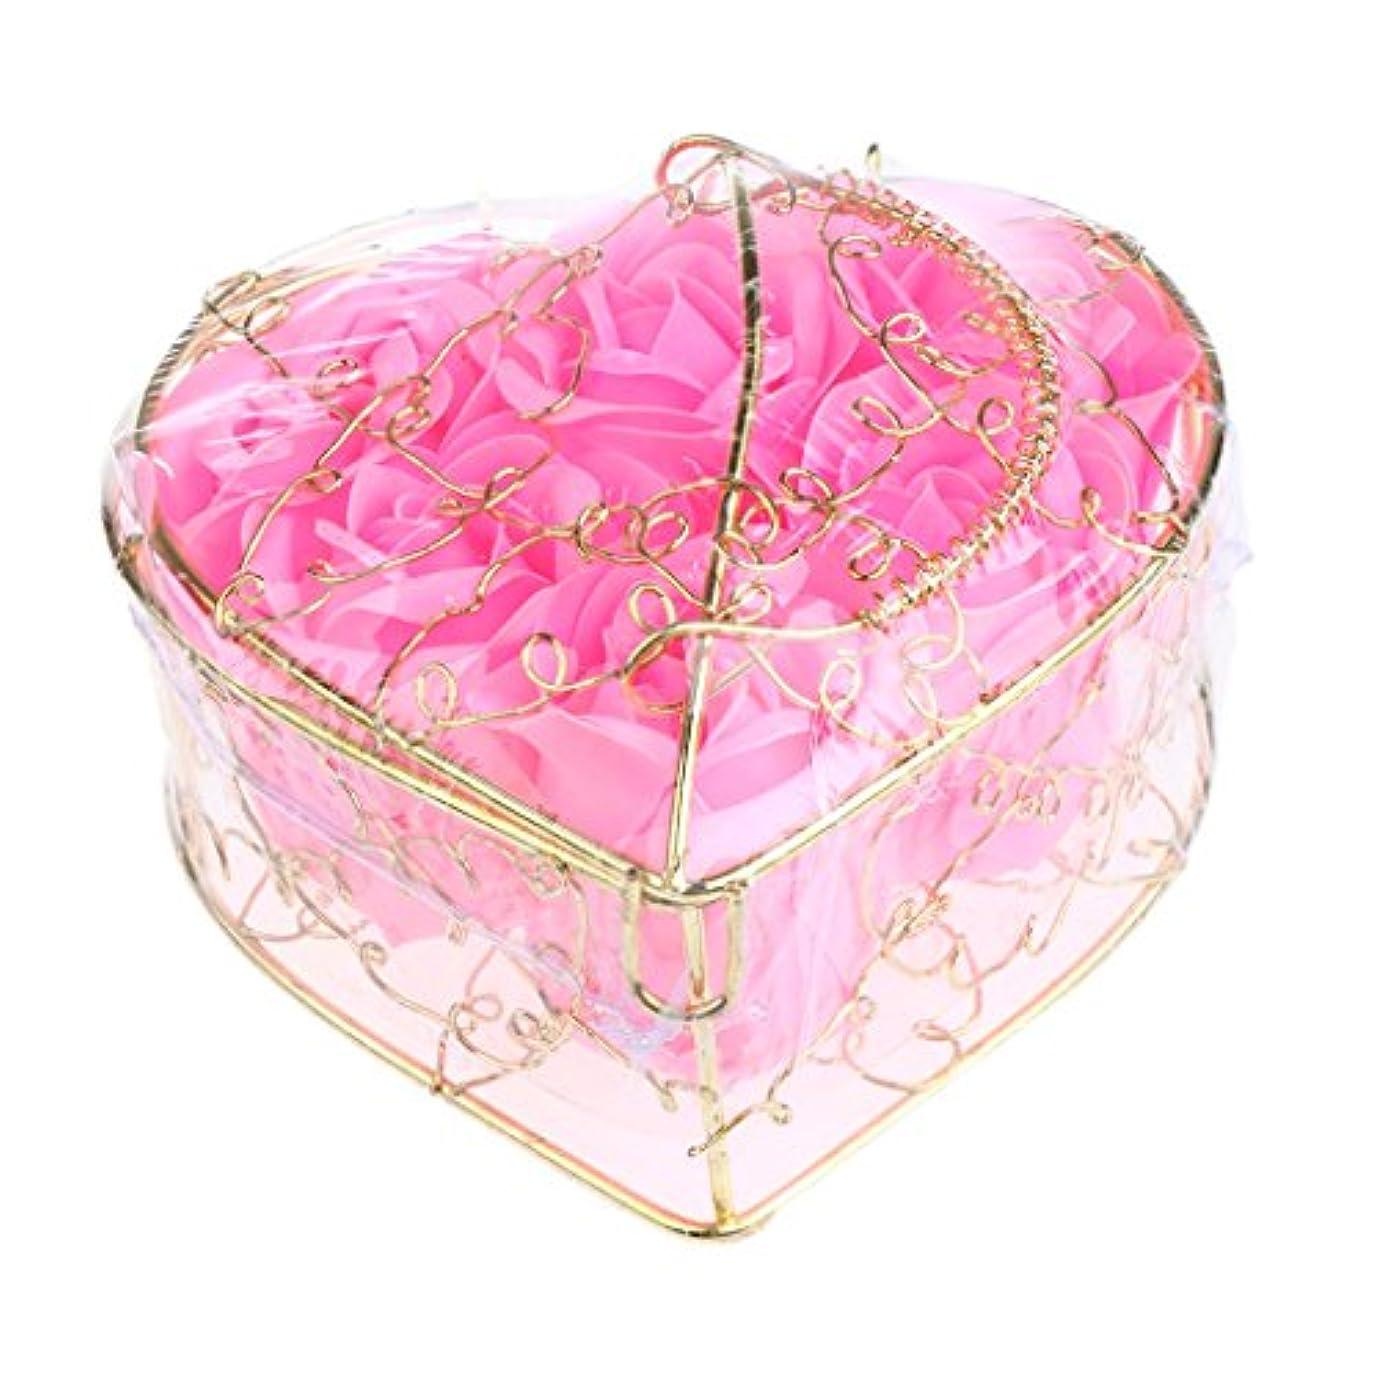 ダウンタウン操作可能誰でも6個 ソープフラワー 石鹸の花 バラ 薔薇の花 ロマンチック 心の形 ギフトボックス 誕生日 プレゼント 全5仕様選べる - ピンク